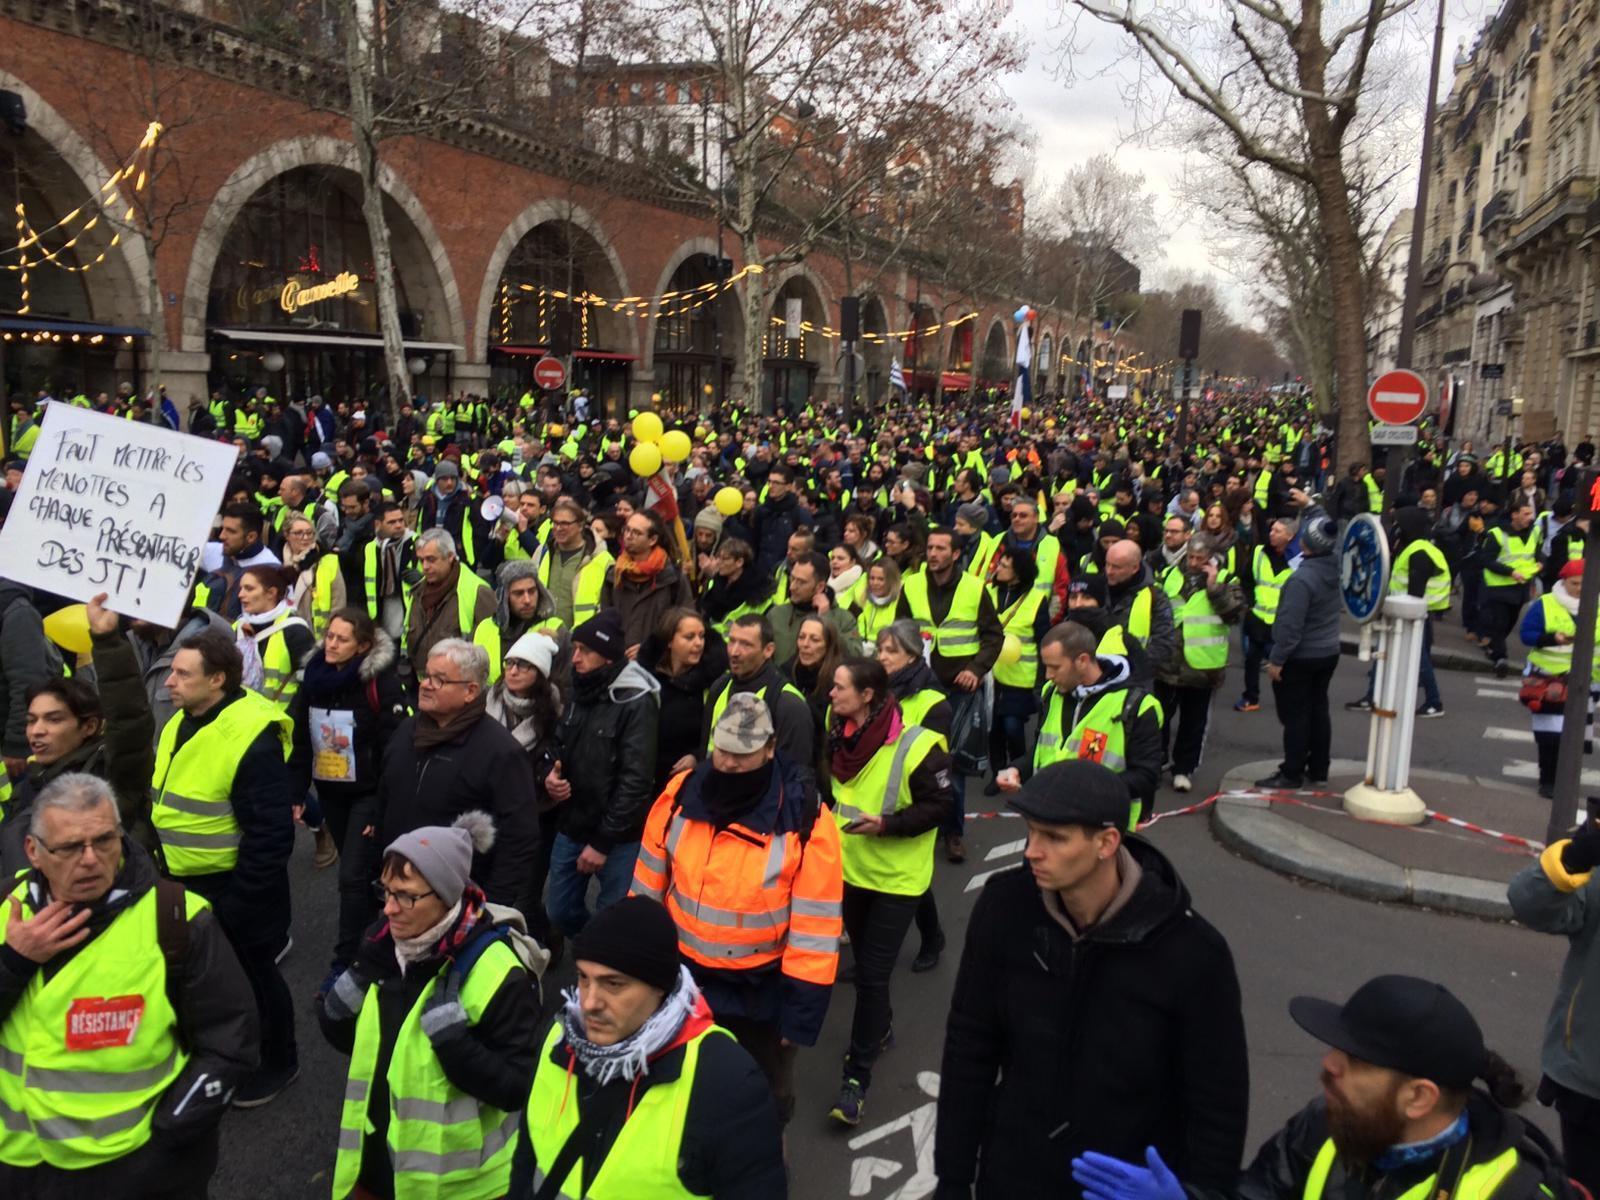 Le cortège des «gilets jaunes» arrive place de la Bastille, le 12 décembre 2019 (illustration).